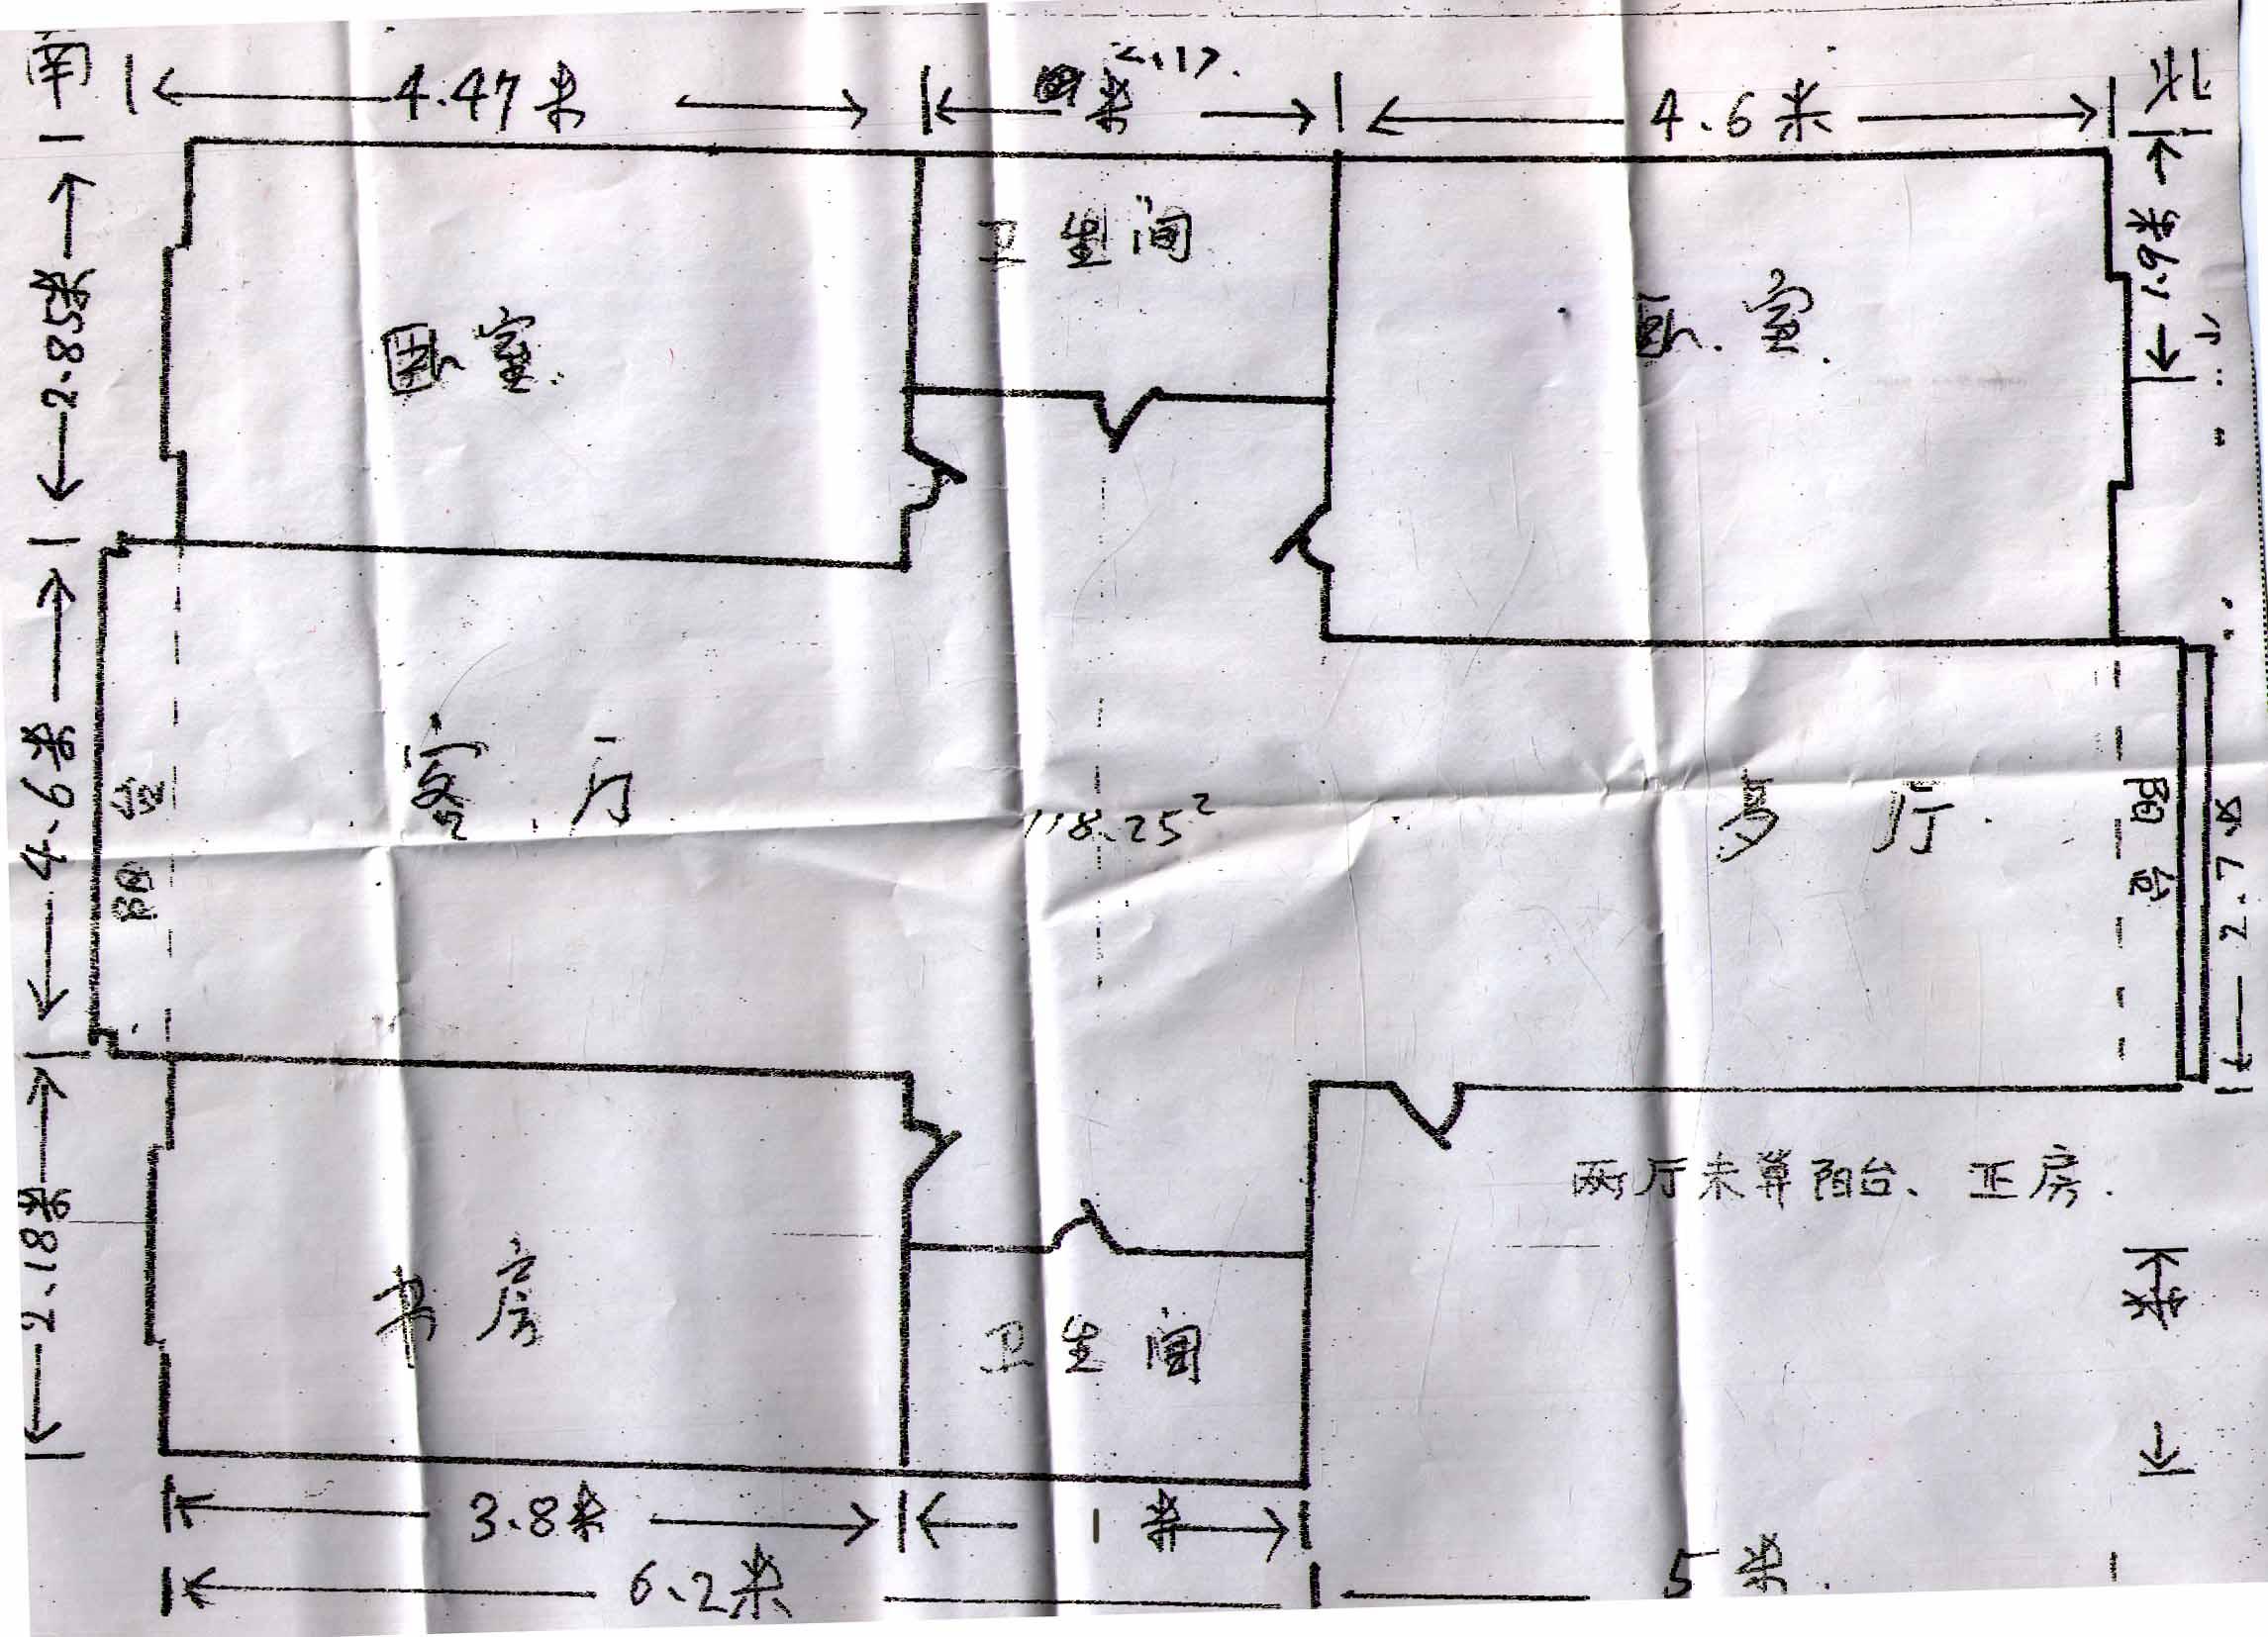 急 一张简单的房屋平面图转立体图